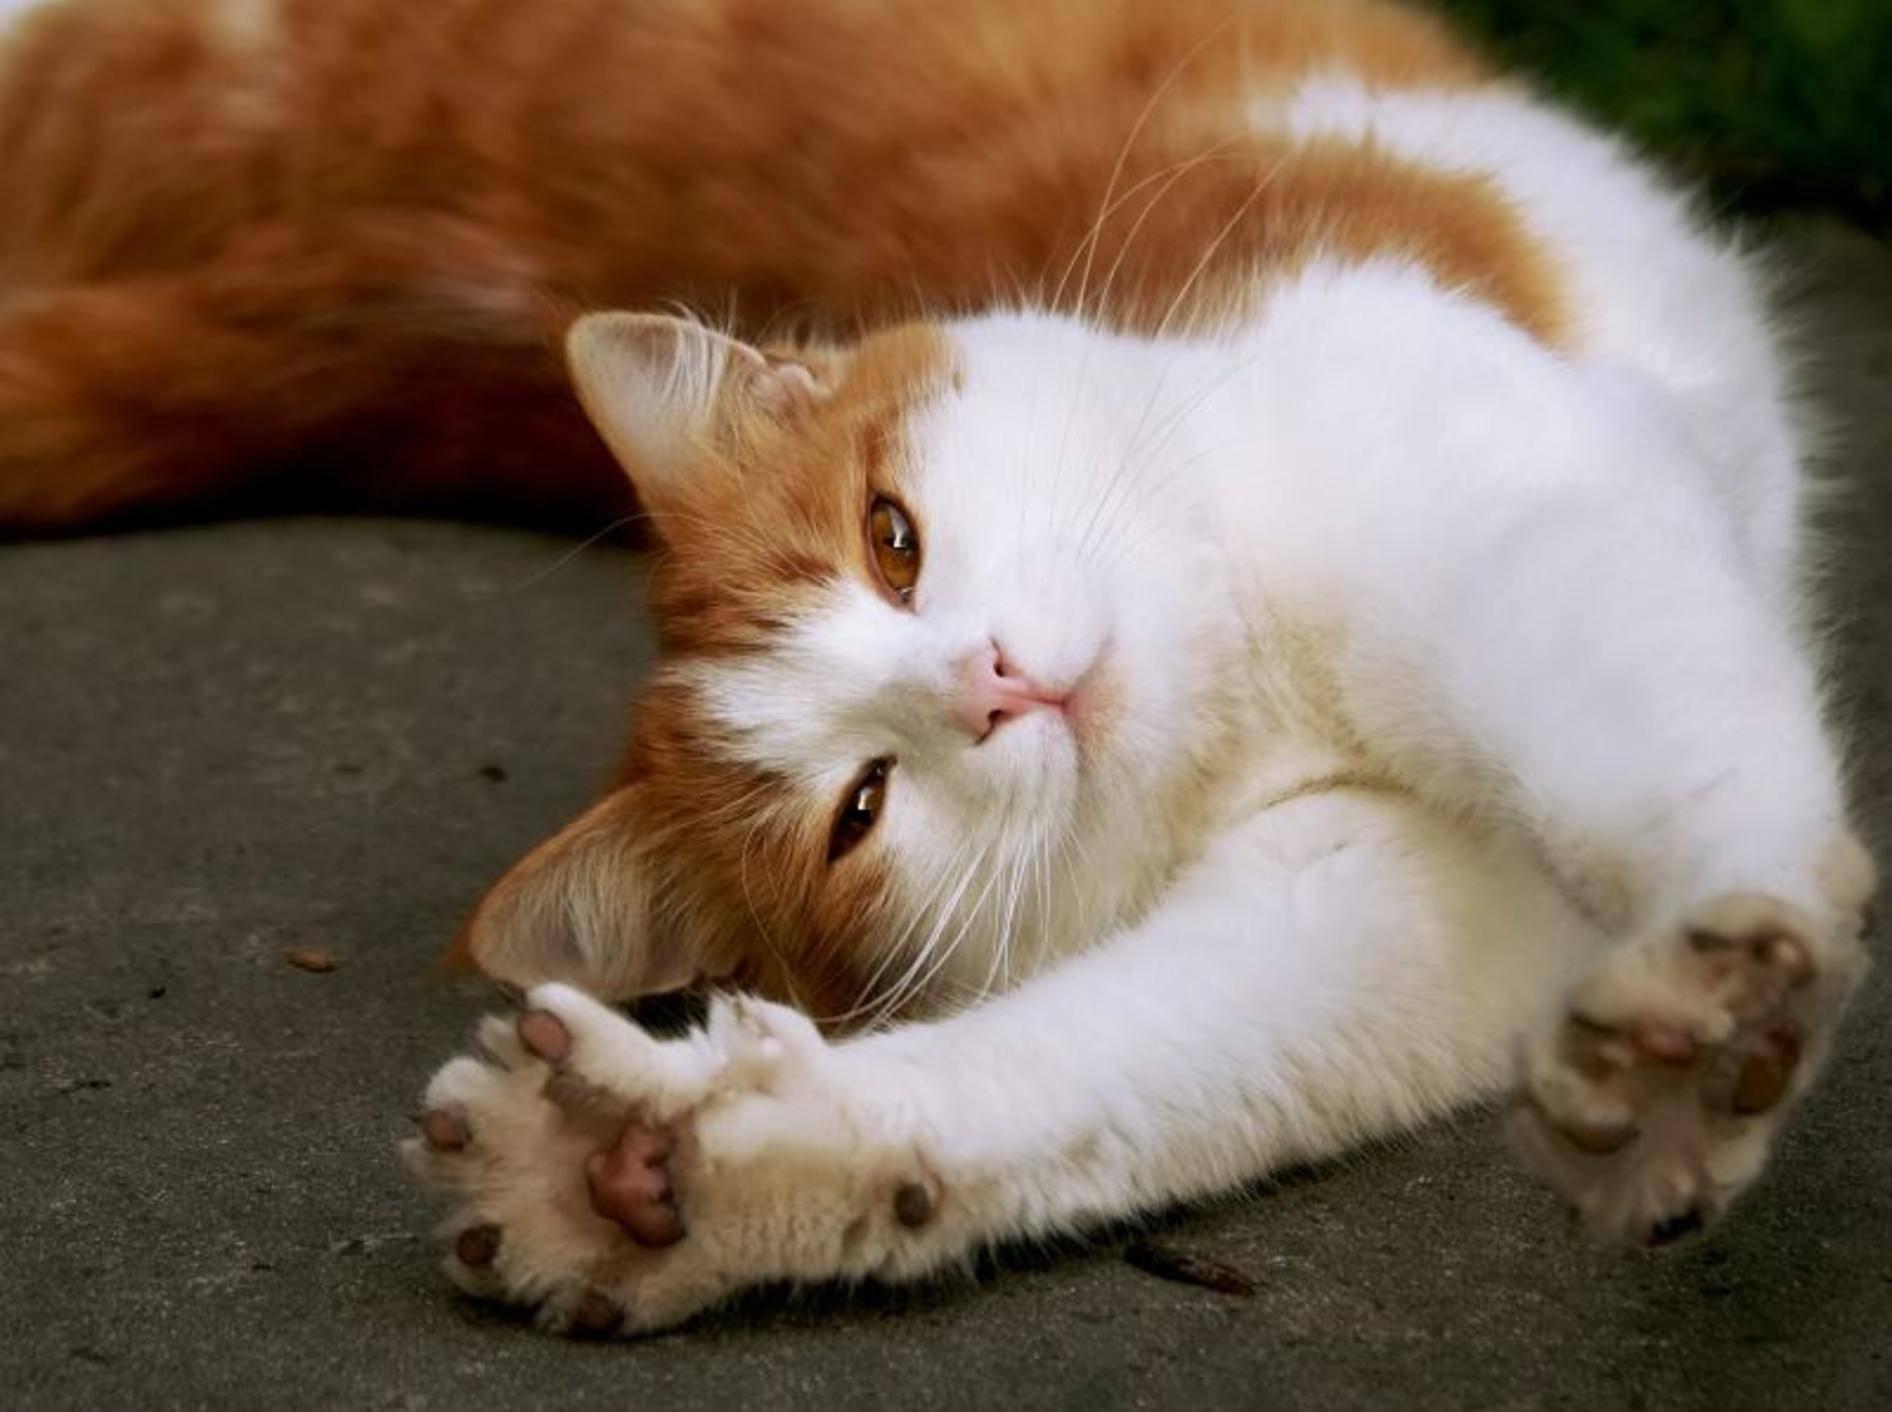 Das sieht gemütlich aus! Eine rote Katze streckt sich nach Herzenslust – Bild: Shutterstock / Nataliya_Ostapenko